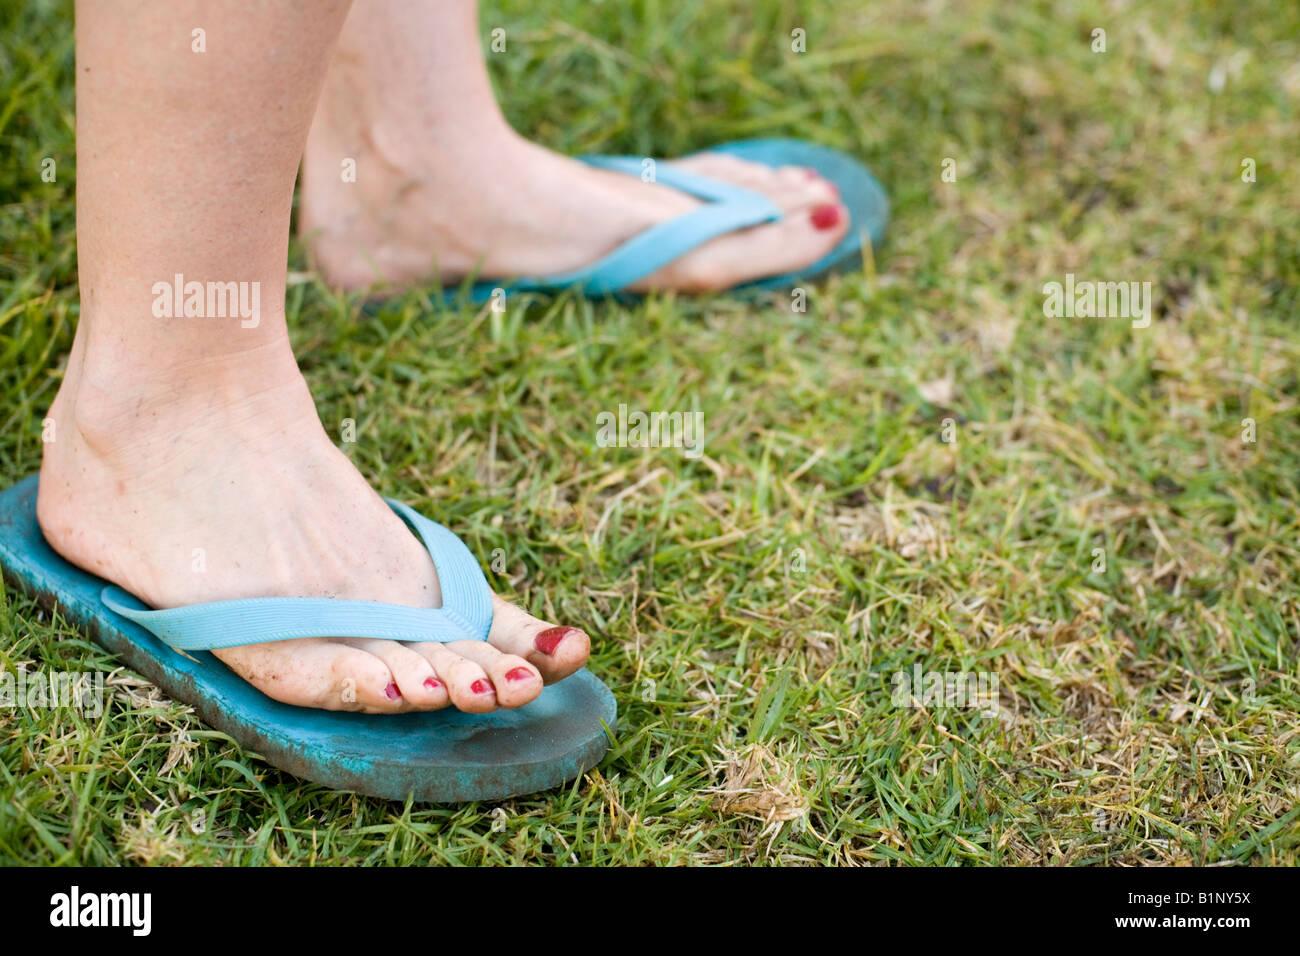 Les pieds et les orteils de la femme couverte de saleté de travaux de jardinage en sandales bleu sur pelouse avec Banque D'Images